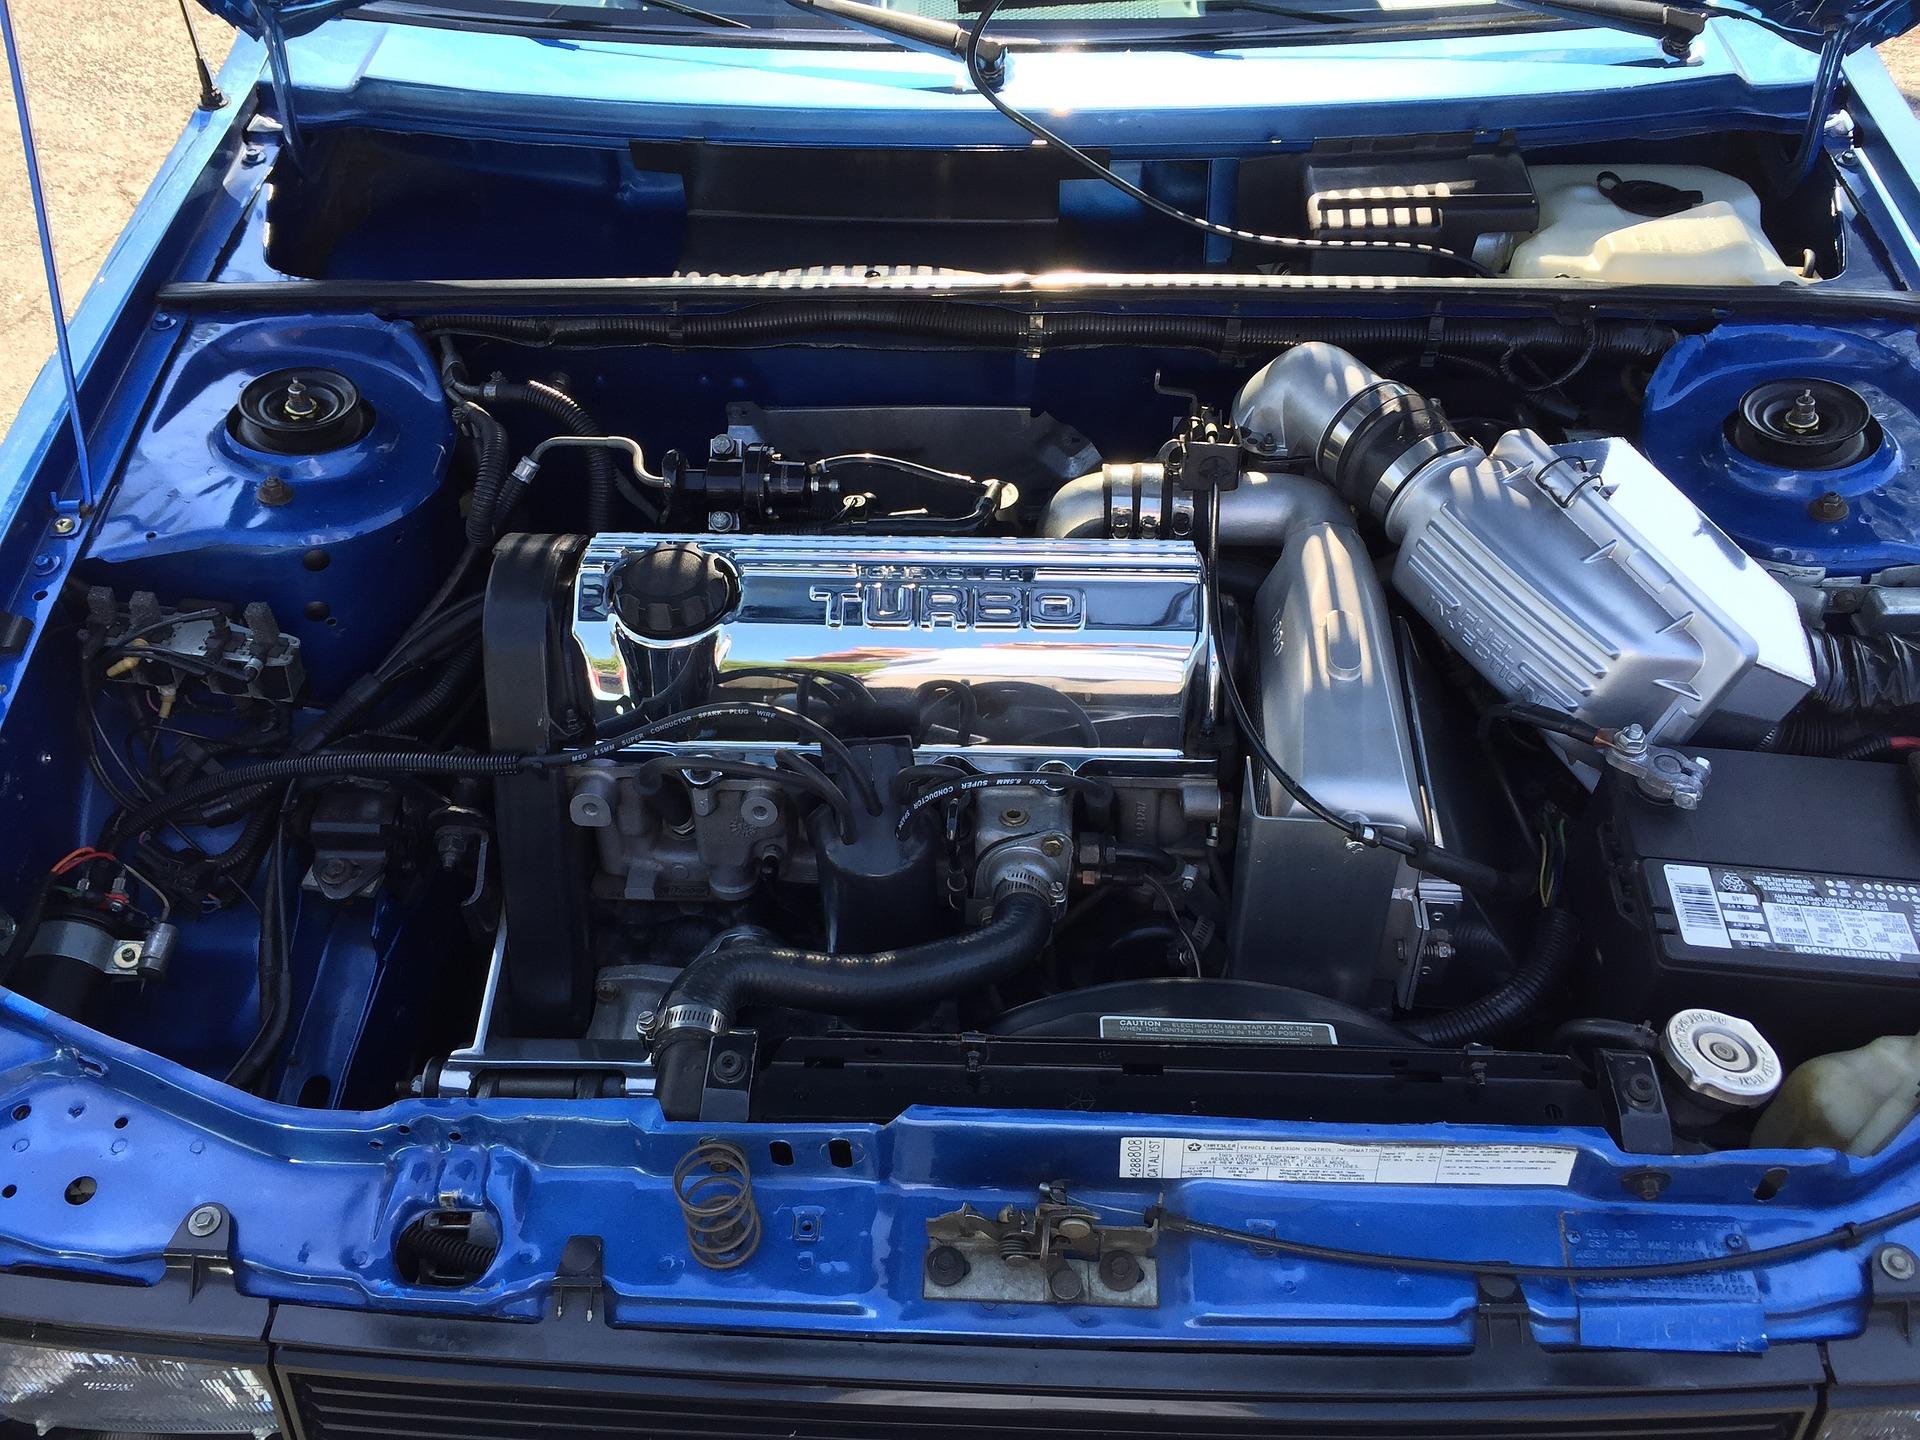 Motor Coche Turbo